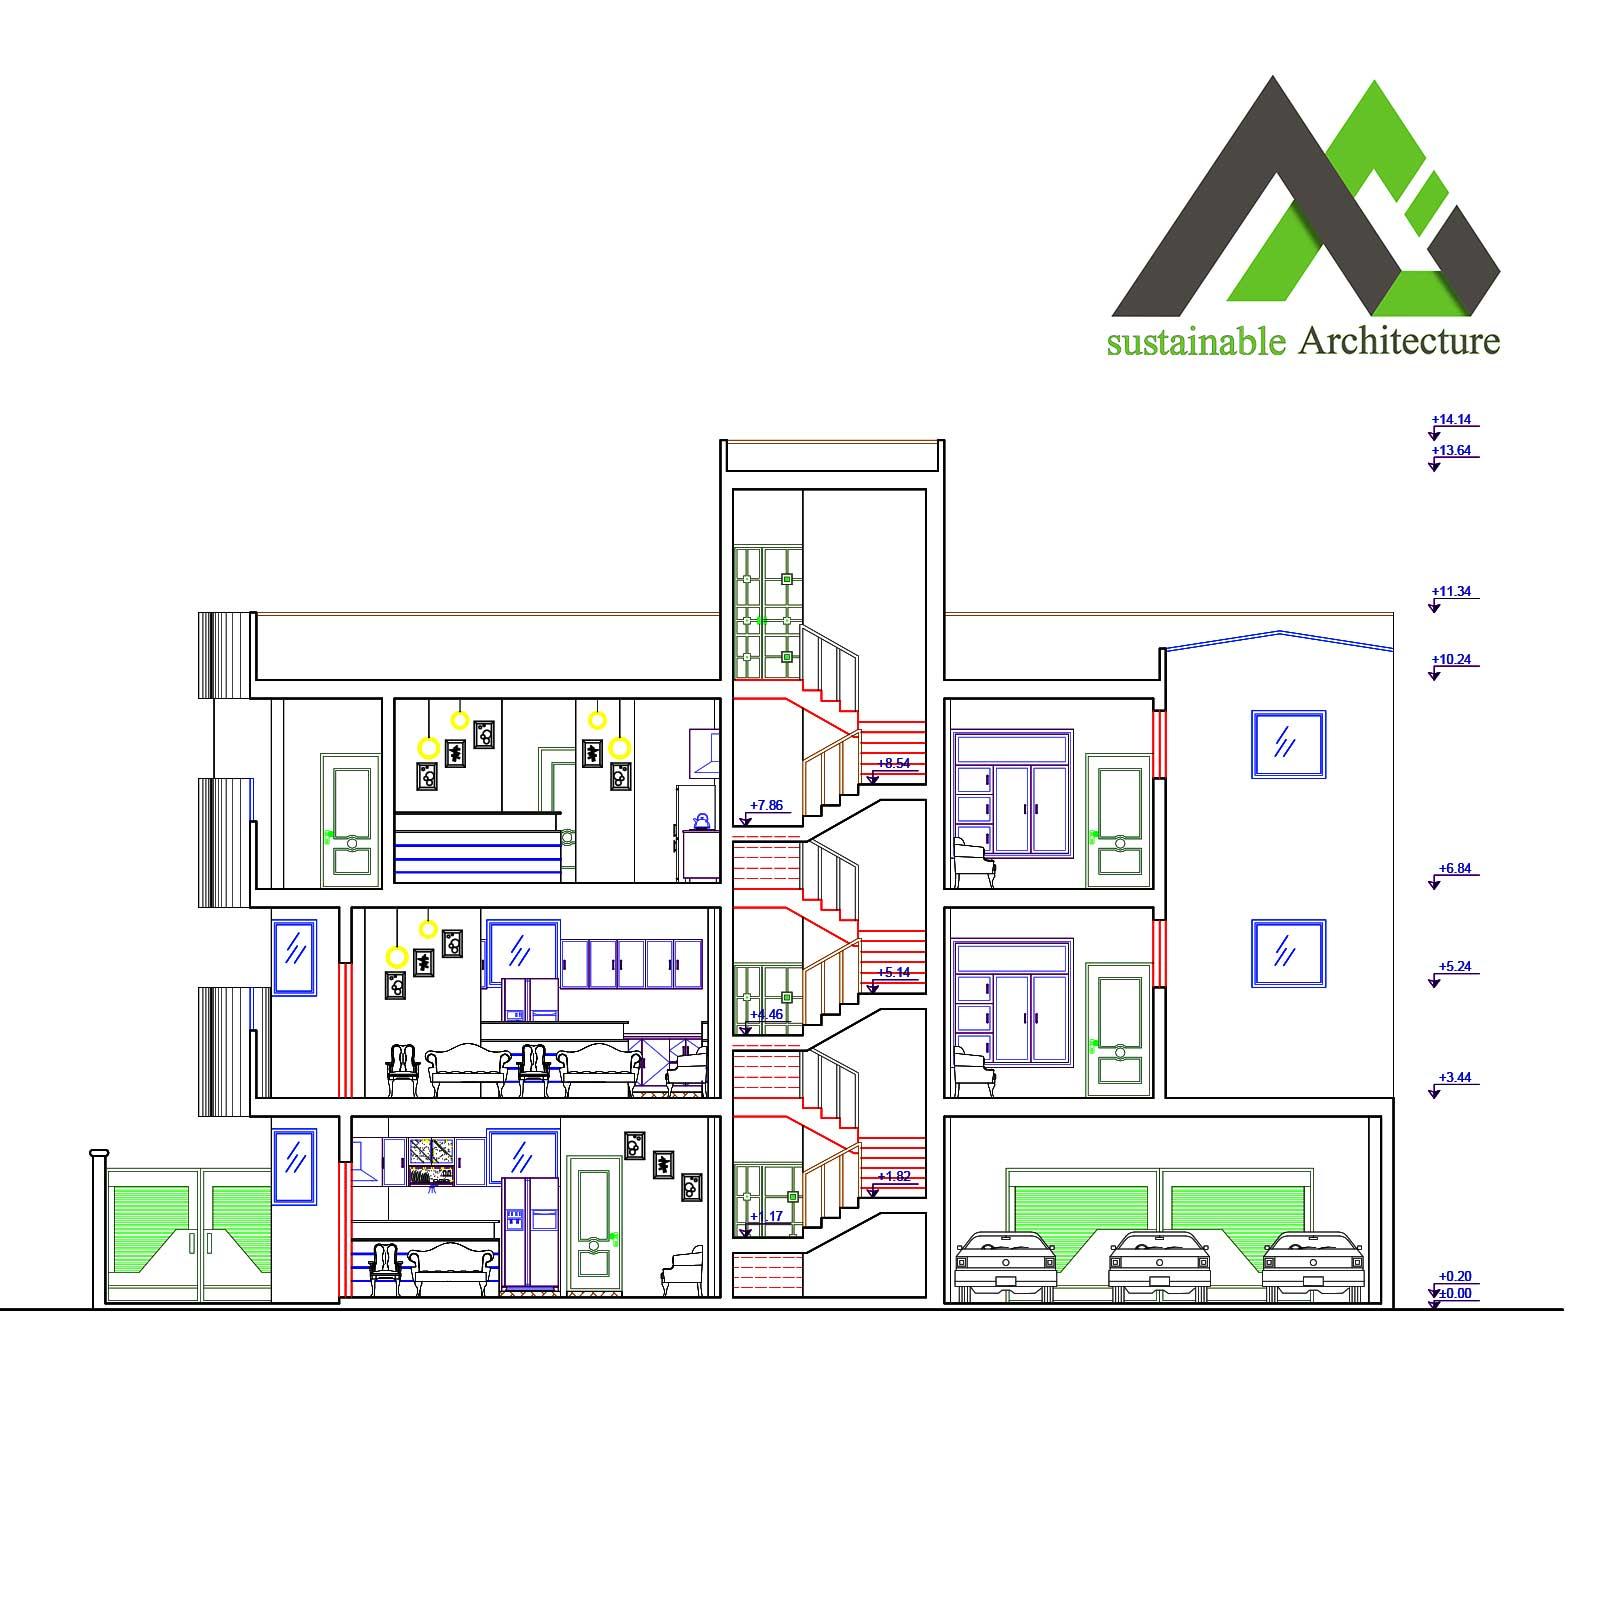 پلان اجرایی آپارتمان مسکونی عرض 12.55